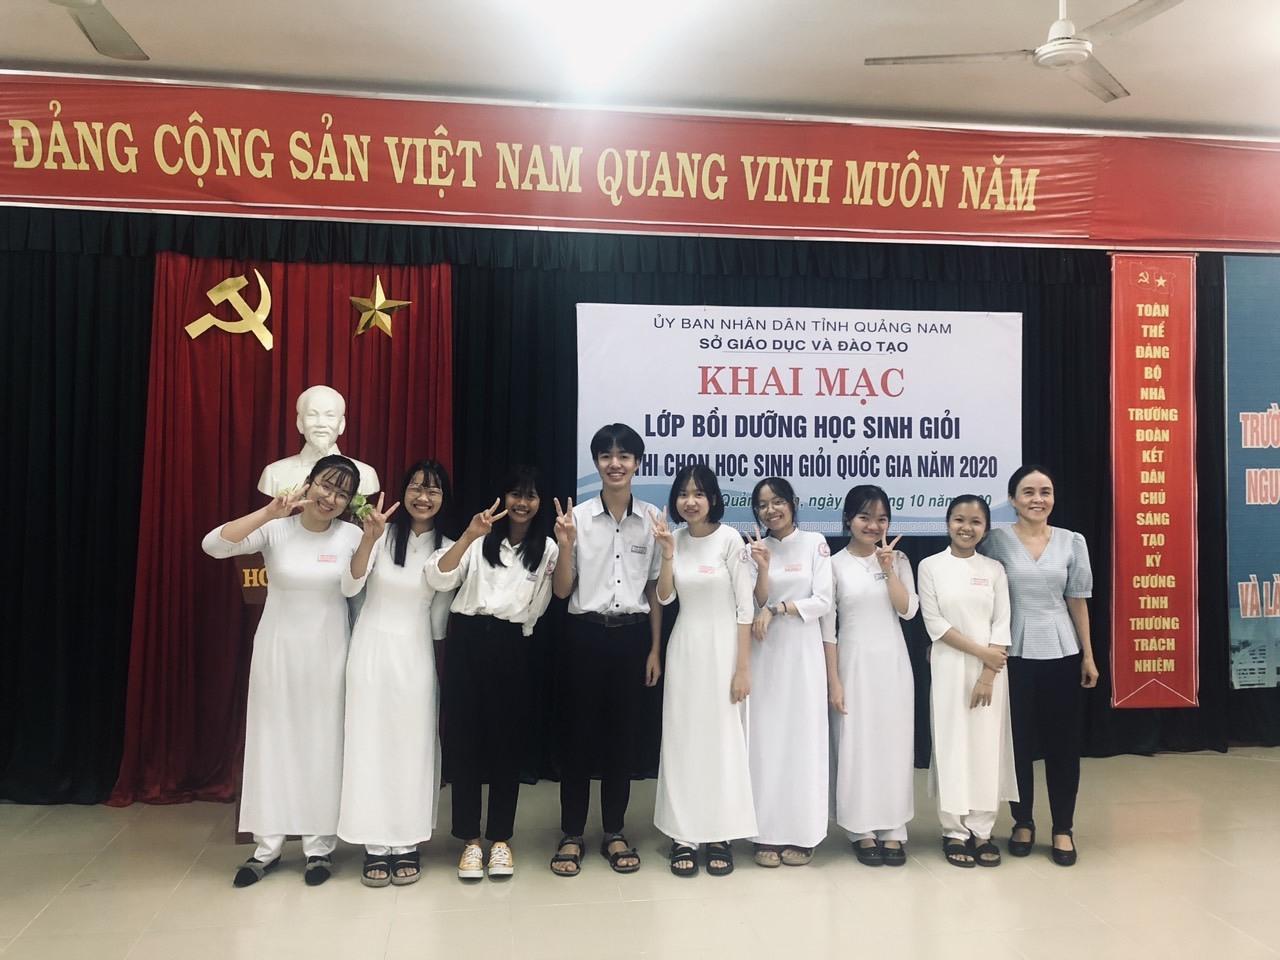 Đội tuyển học sinh giỏi tỉnh dự thi quốc gia môn Địa lý của Trường THPT chuyên Nguyễn Bỉnh Khiêm. Ảnh: Nhà trường cung cấp